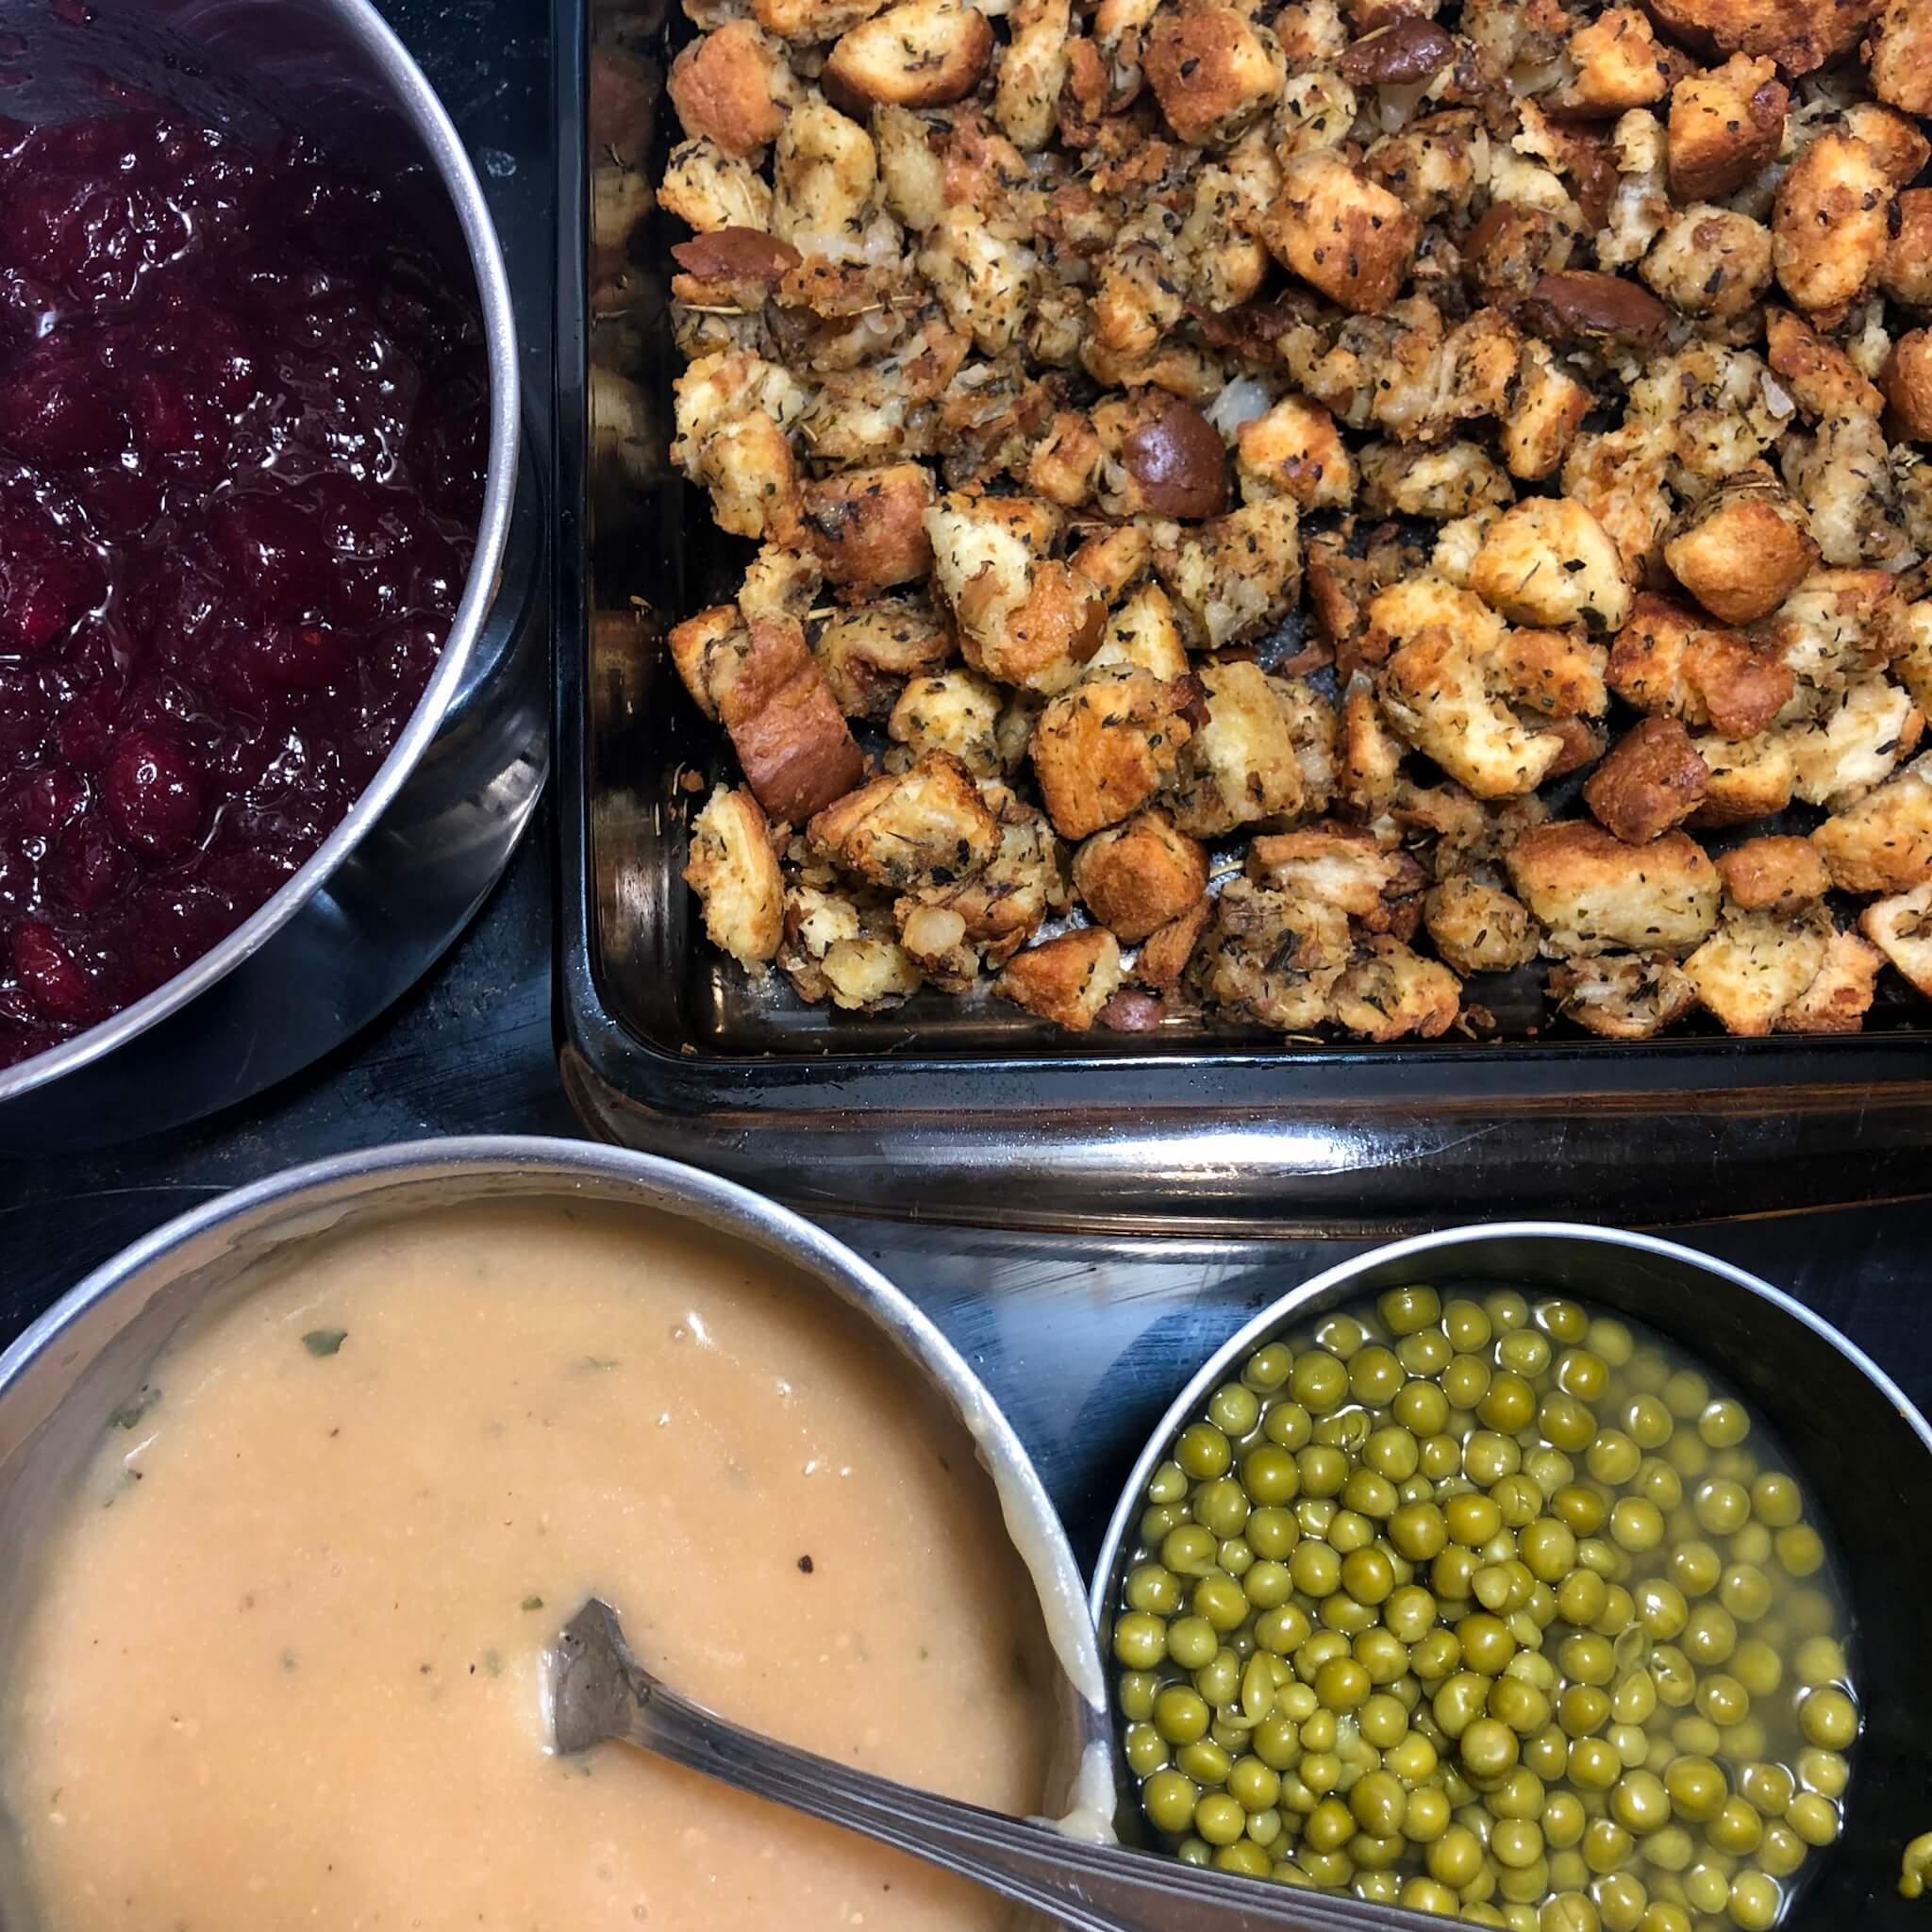 vegan christmas poutine ingredients